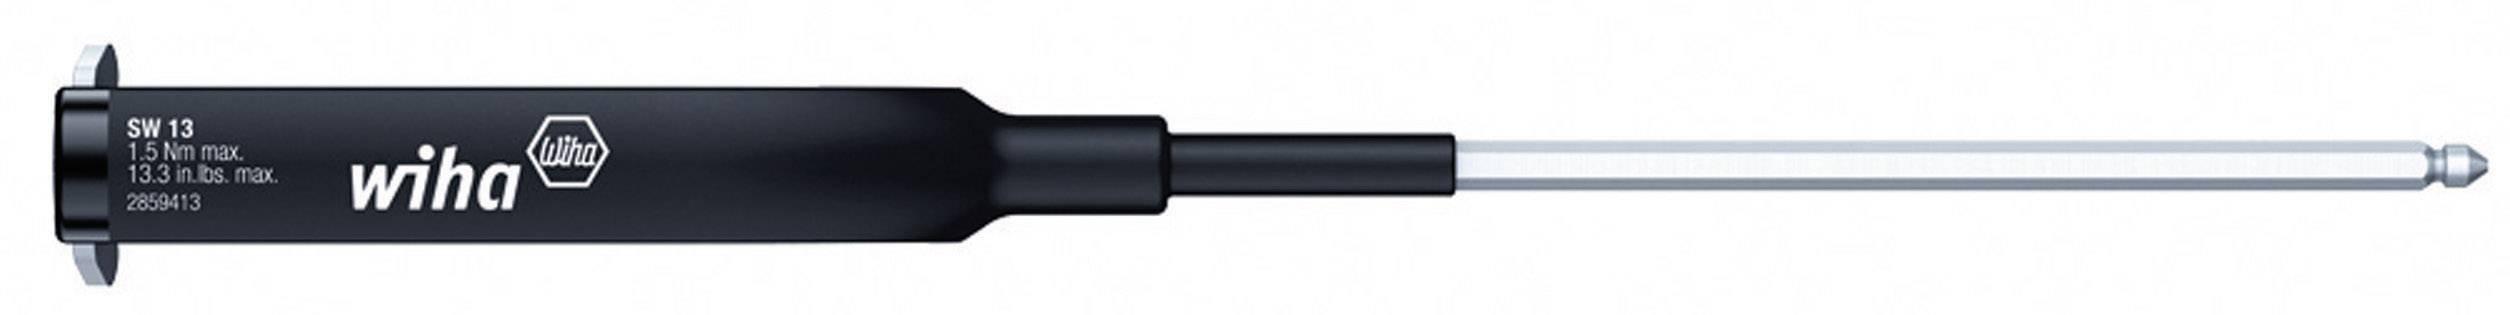 Bit momentového klíče pro kabelové konektory Wiha SW 12